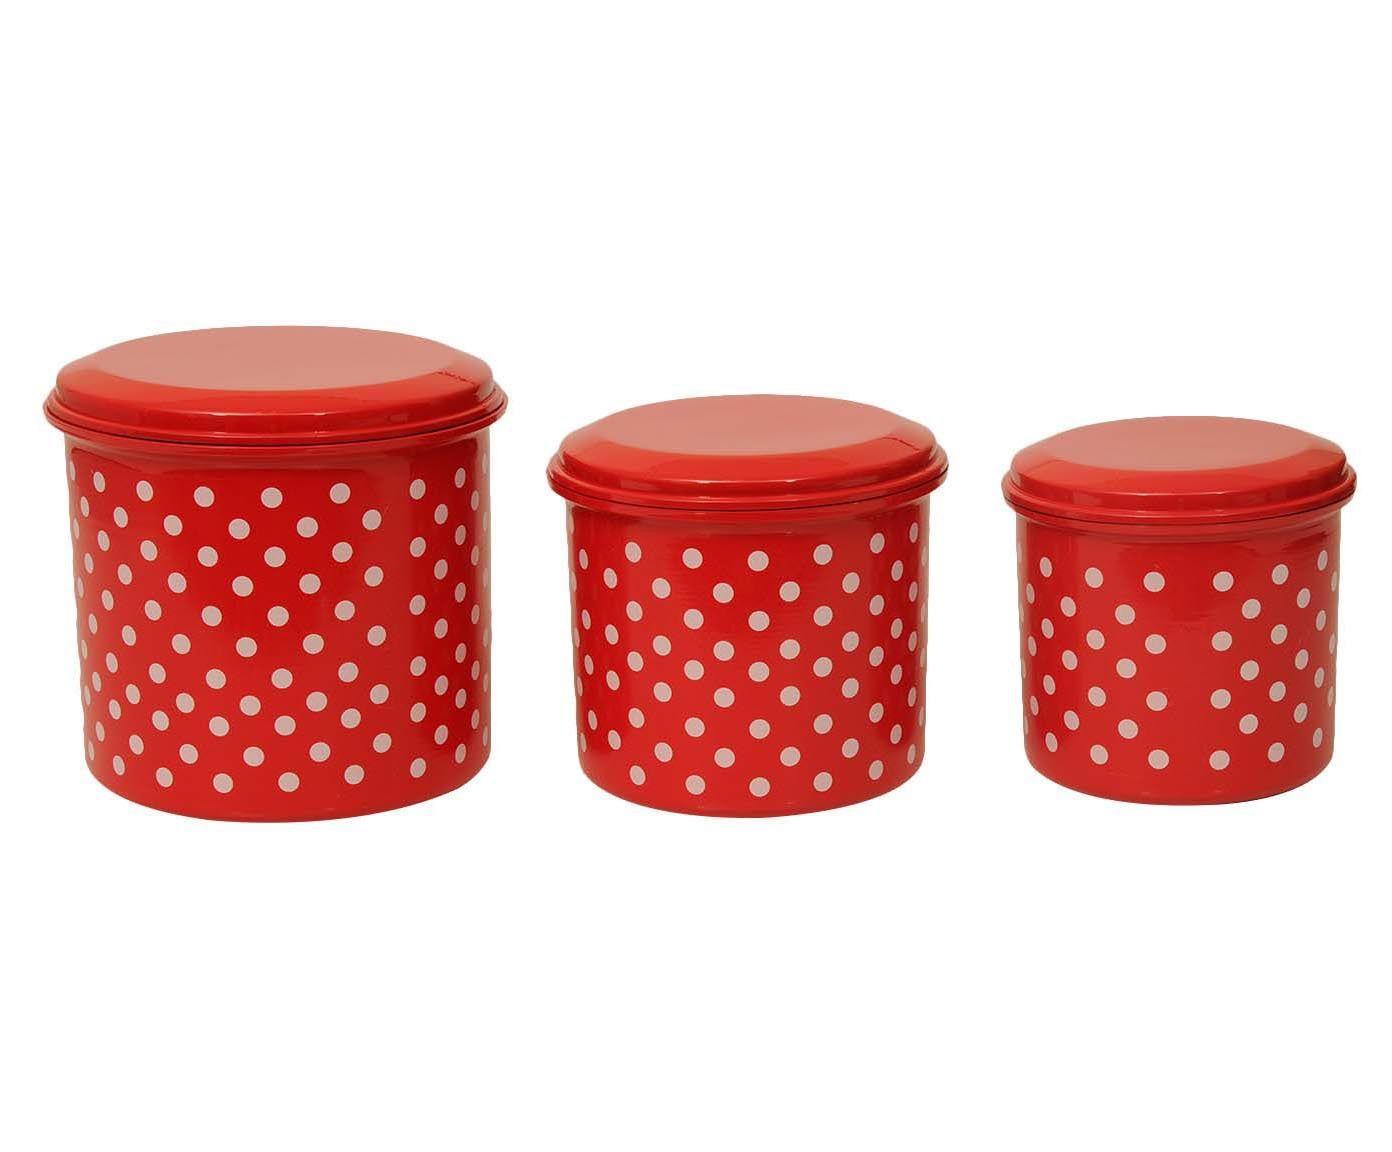 Jogo de Porta-Condimentos Polka Dots - Vermelho e Branco | Westwing.com.br